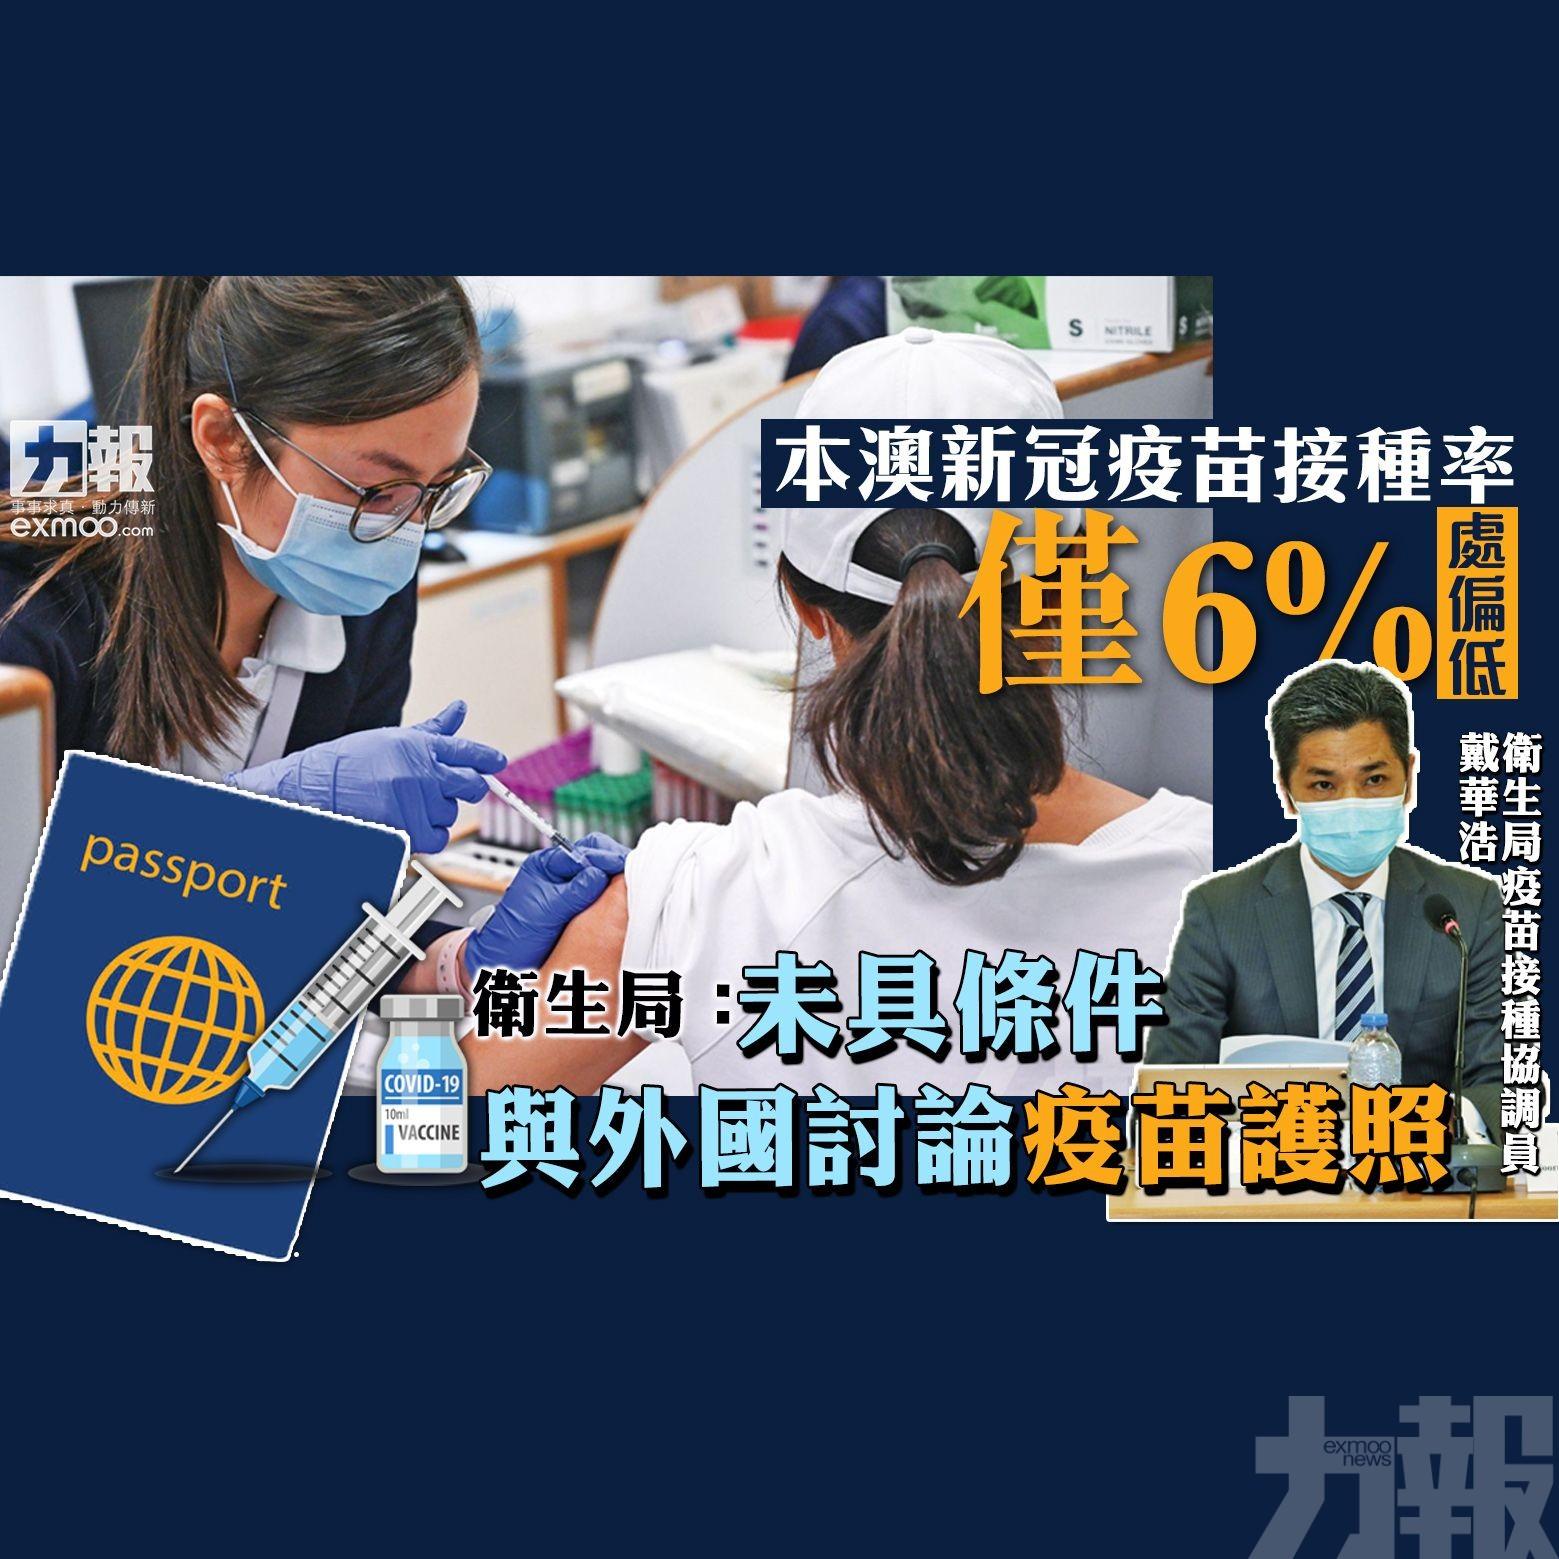 衛生局:未具條件與外國討論疫苗護照